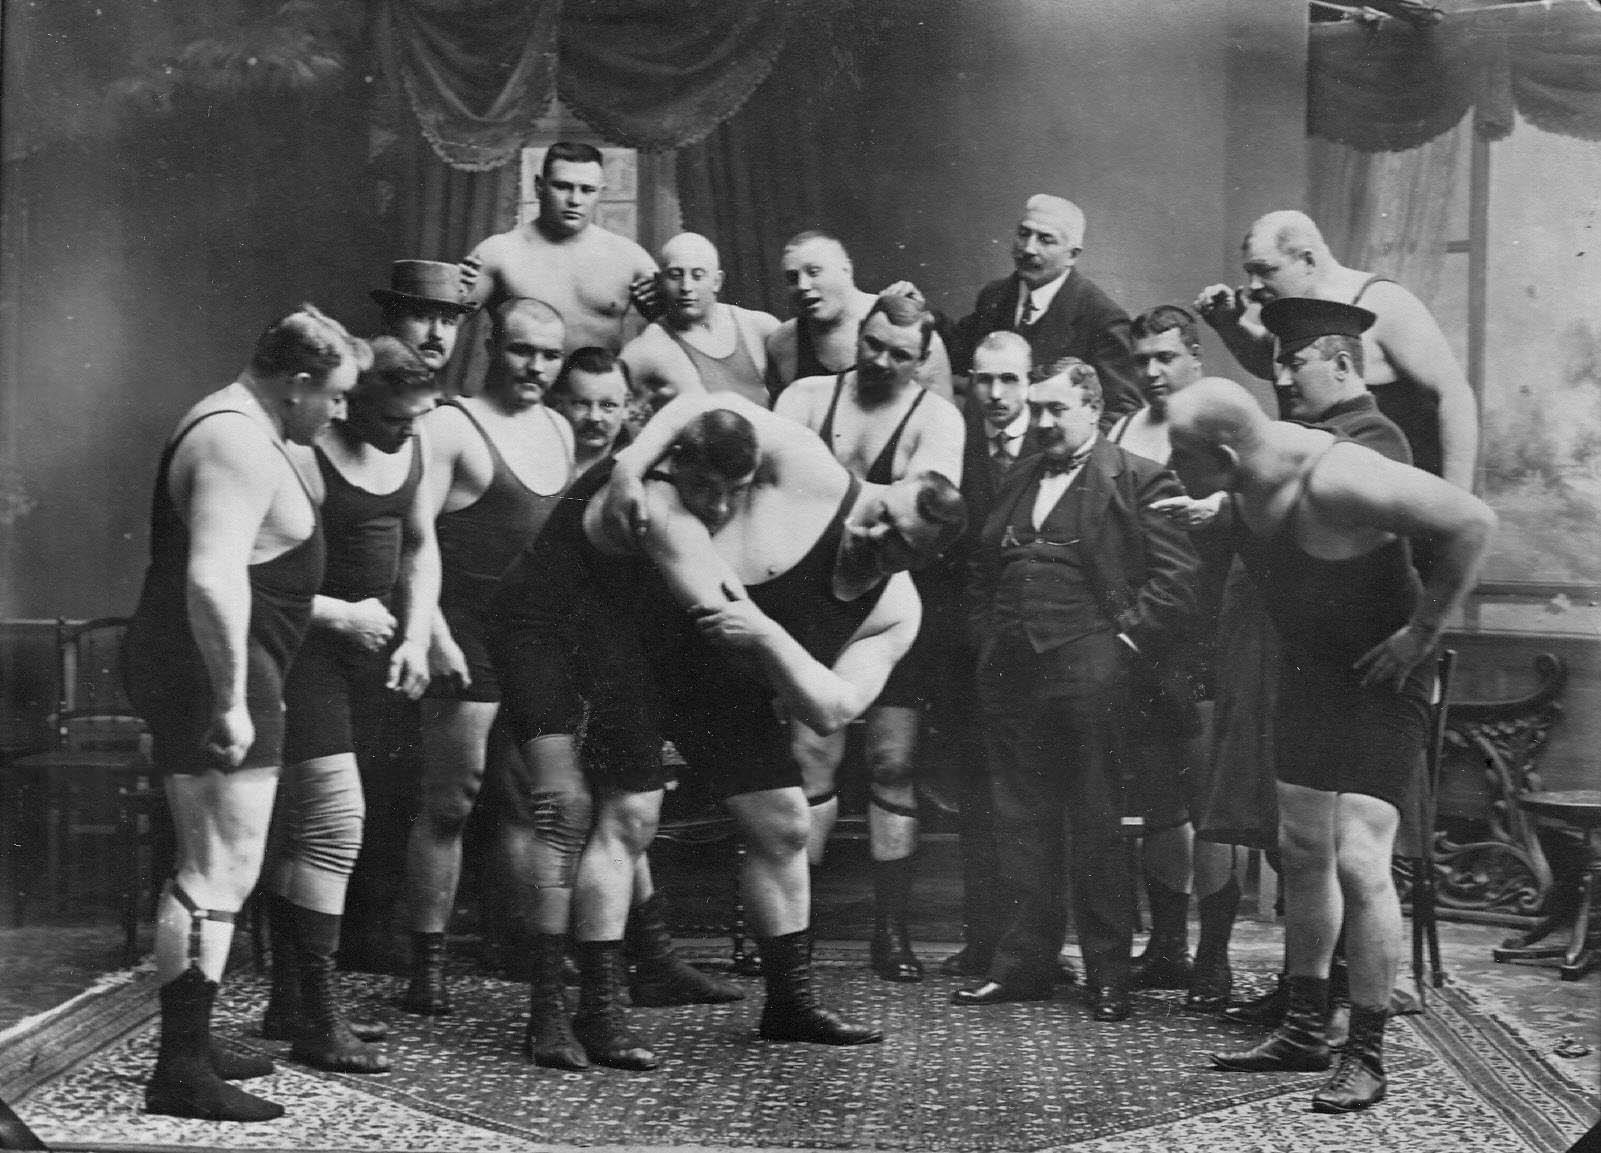 Группа участников чемпионата наблюдает за борьбой двух борцов; борец справа - И.М.Поддубный